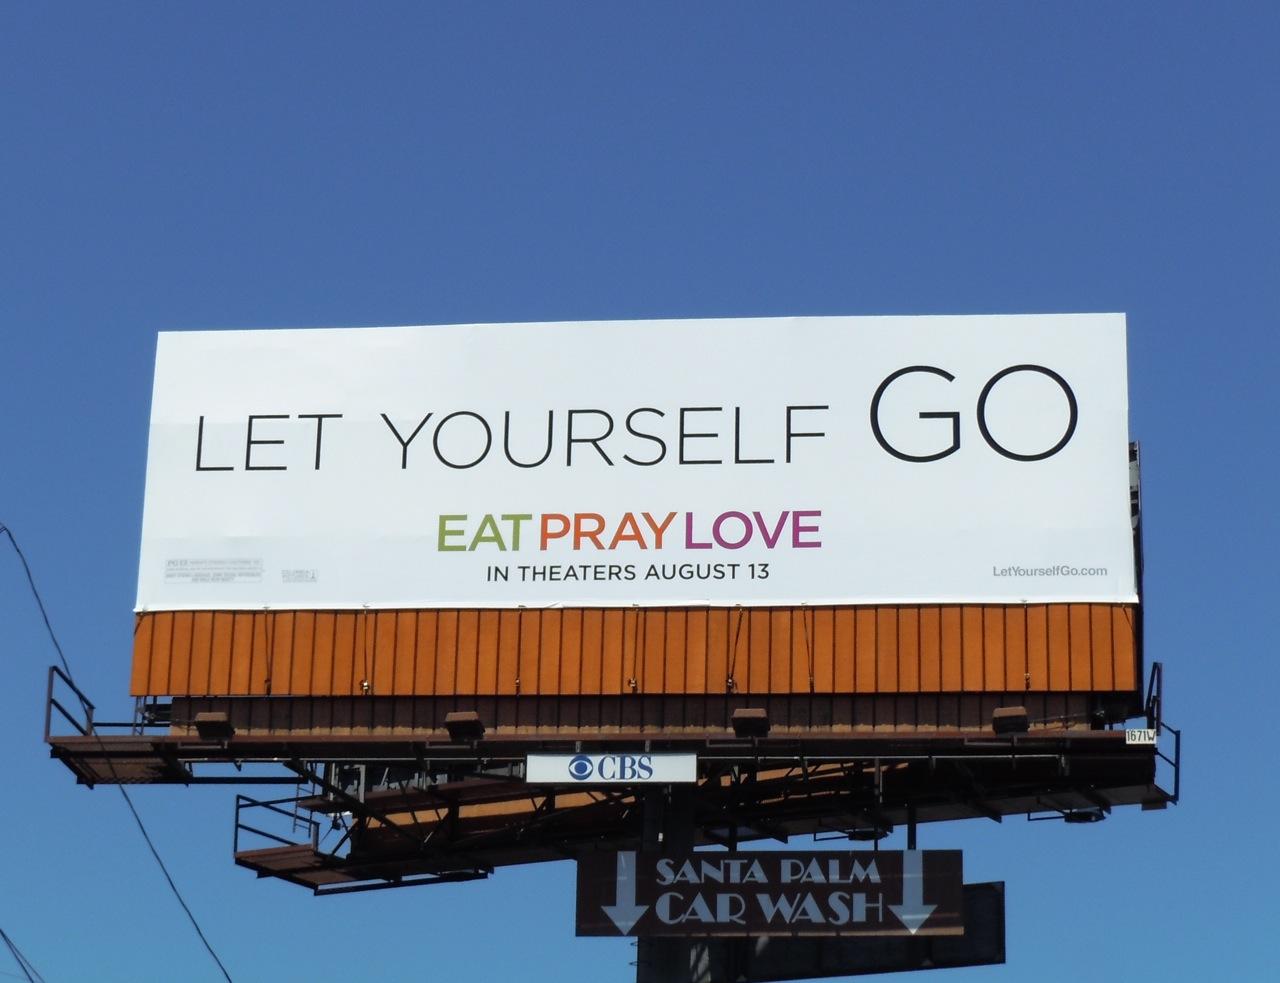 http://2.bp.blogspot.com/_GIchwvJ-aNk/TE-CP9bNiXI/AAAAAAAATNs/vFClJZU5MgI/s1600/Eat%2BPray%2BLove%2Blet%2Byourself%2Bgo%2Bbillboard.jpg